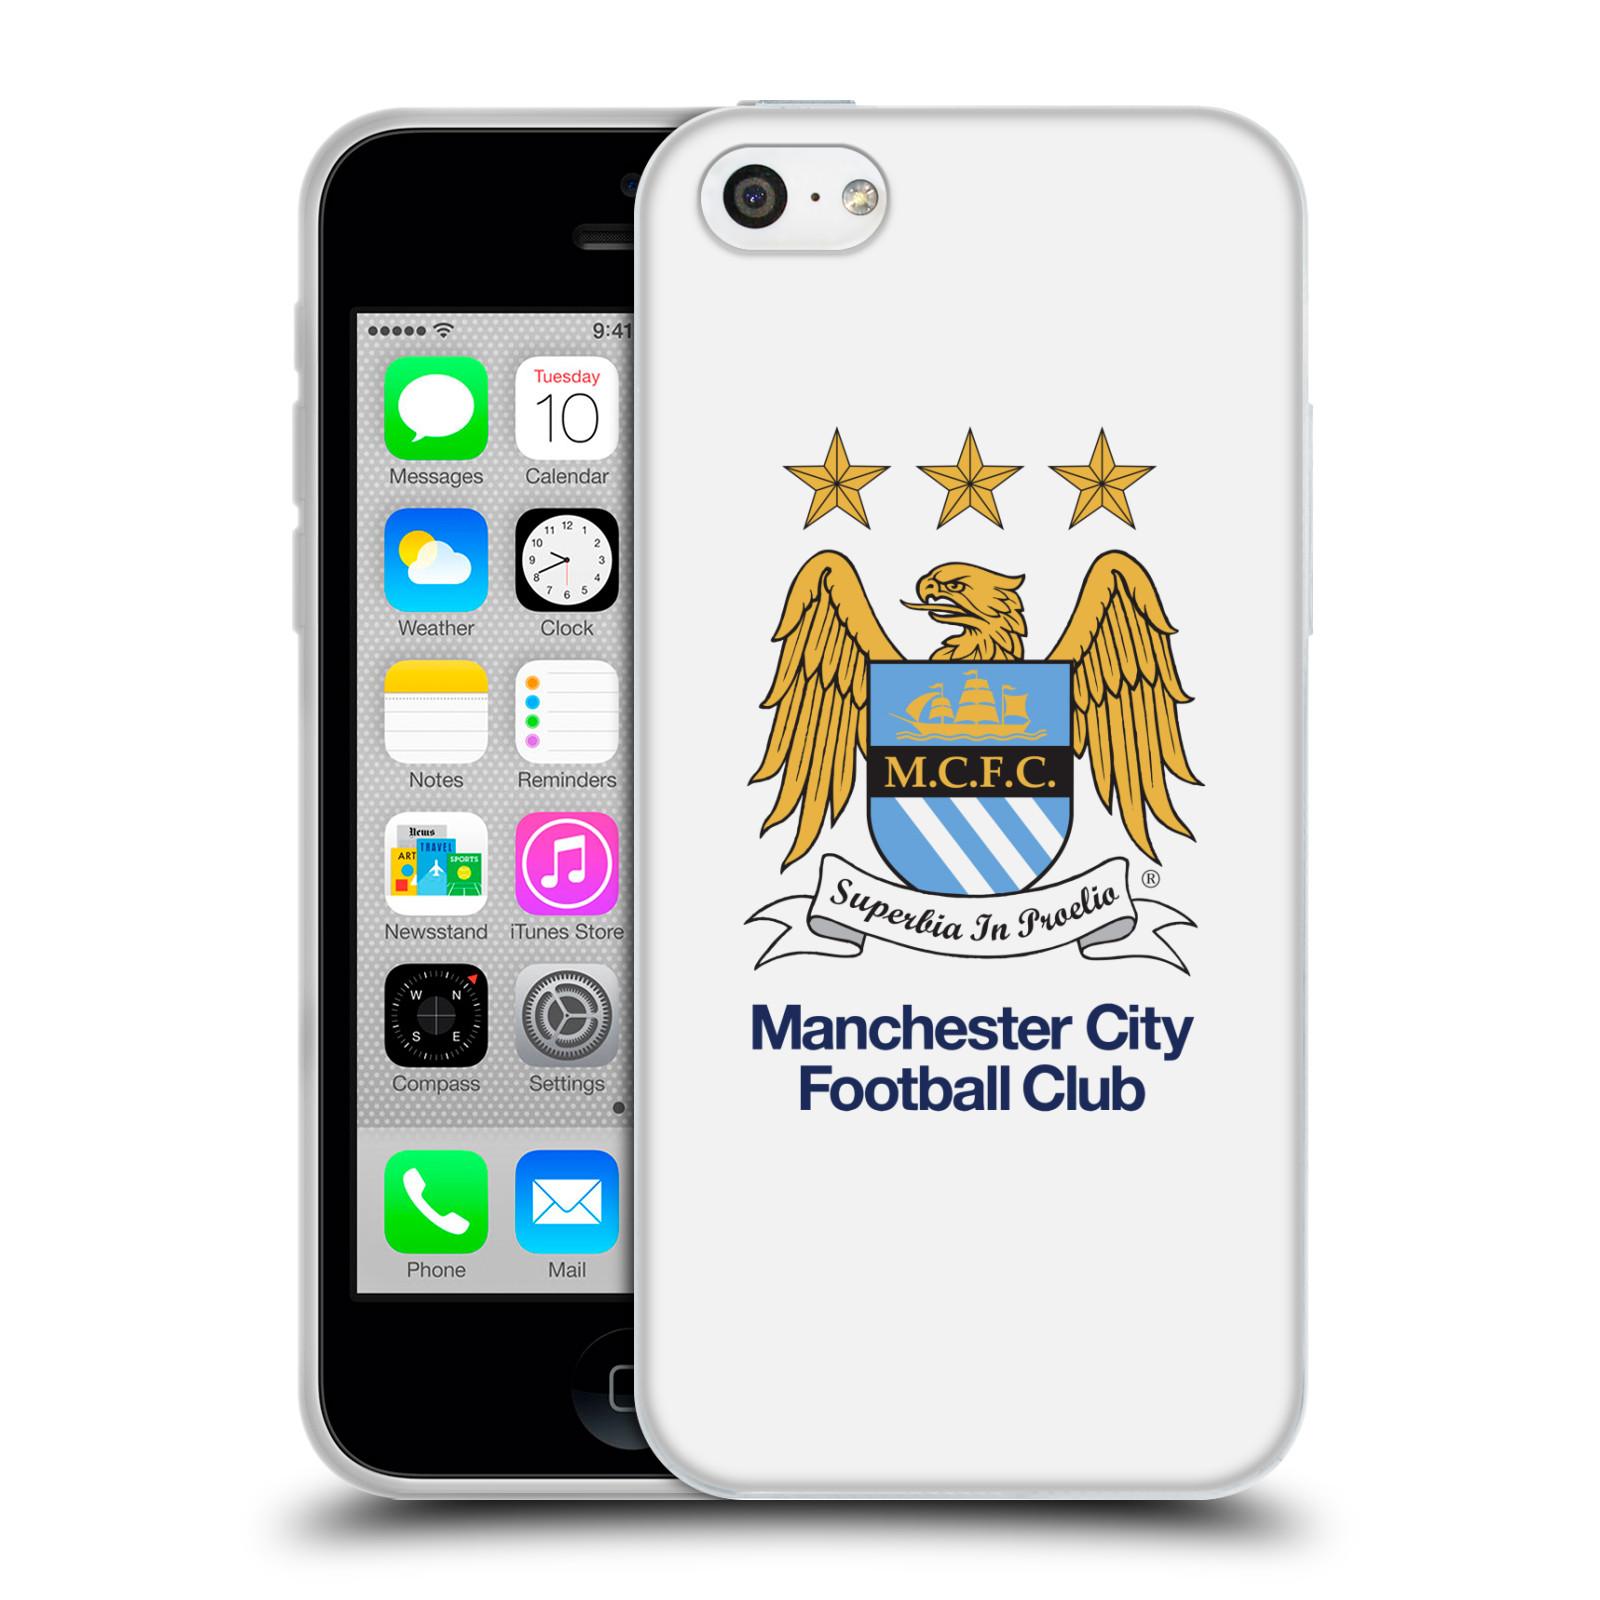 HEAD CASE silikonový obal na mobil Apple Iphone 5C Fotbalový klub Manchester City bílé pozadí velký znak pták